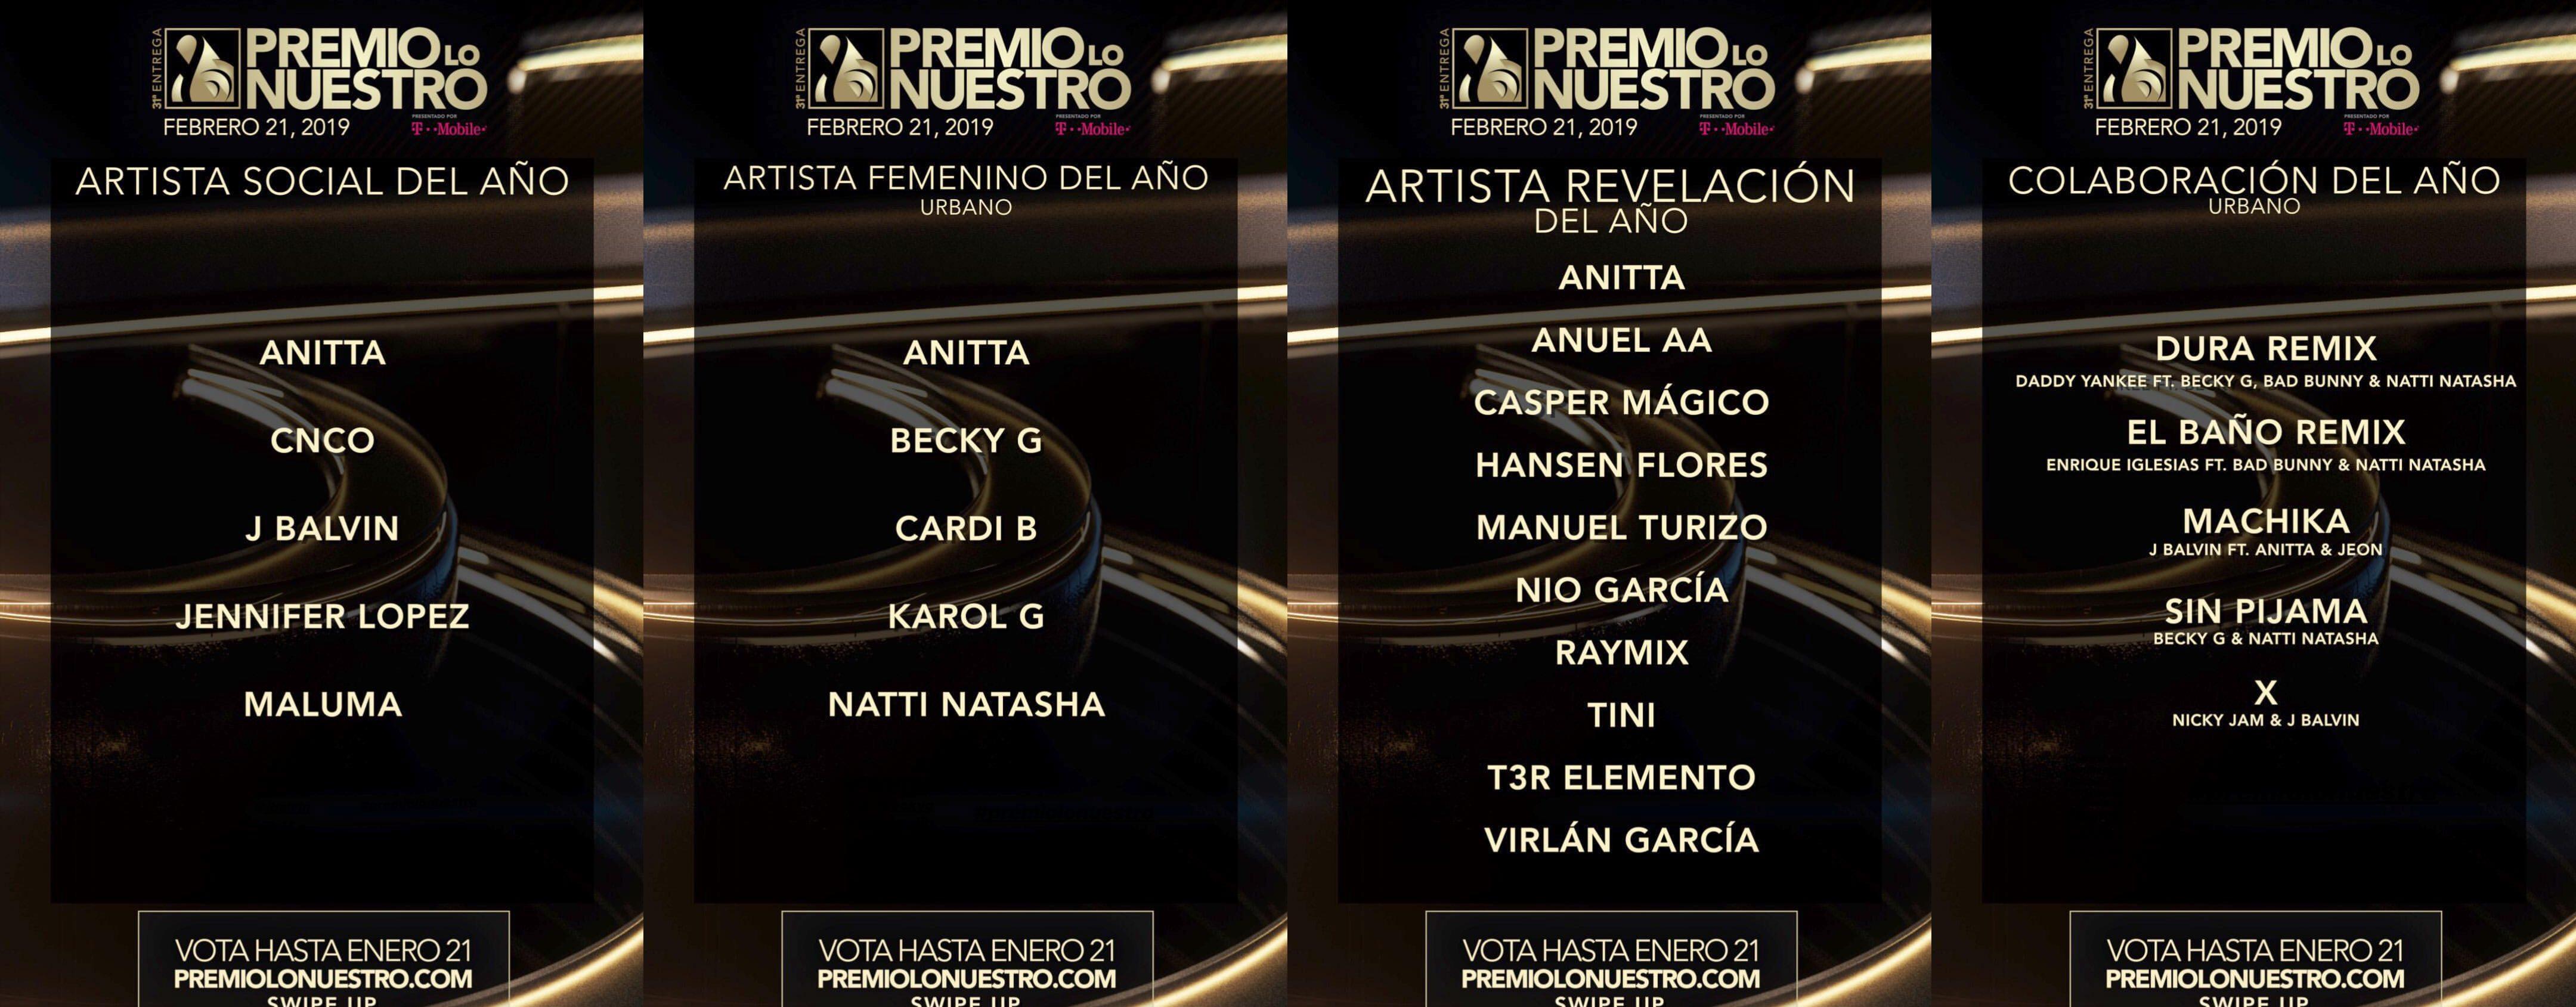 Anitta é indicada em quatro categorias do Premio Lo Nuestro 2019